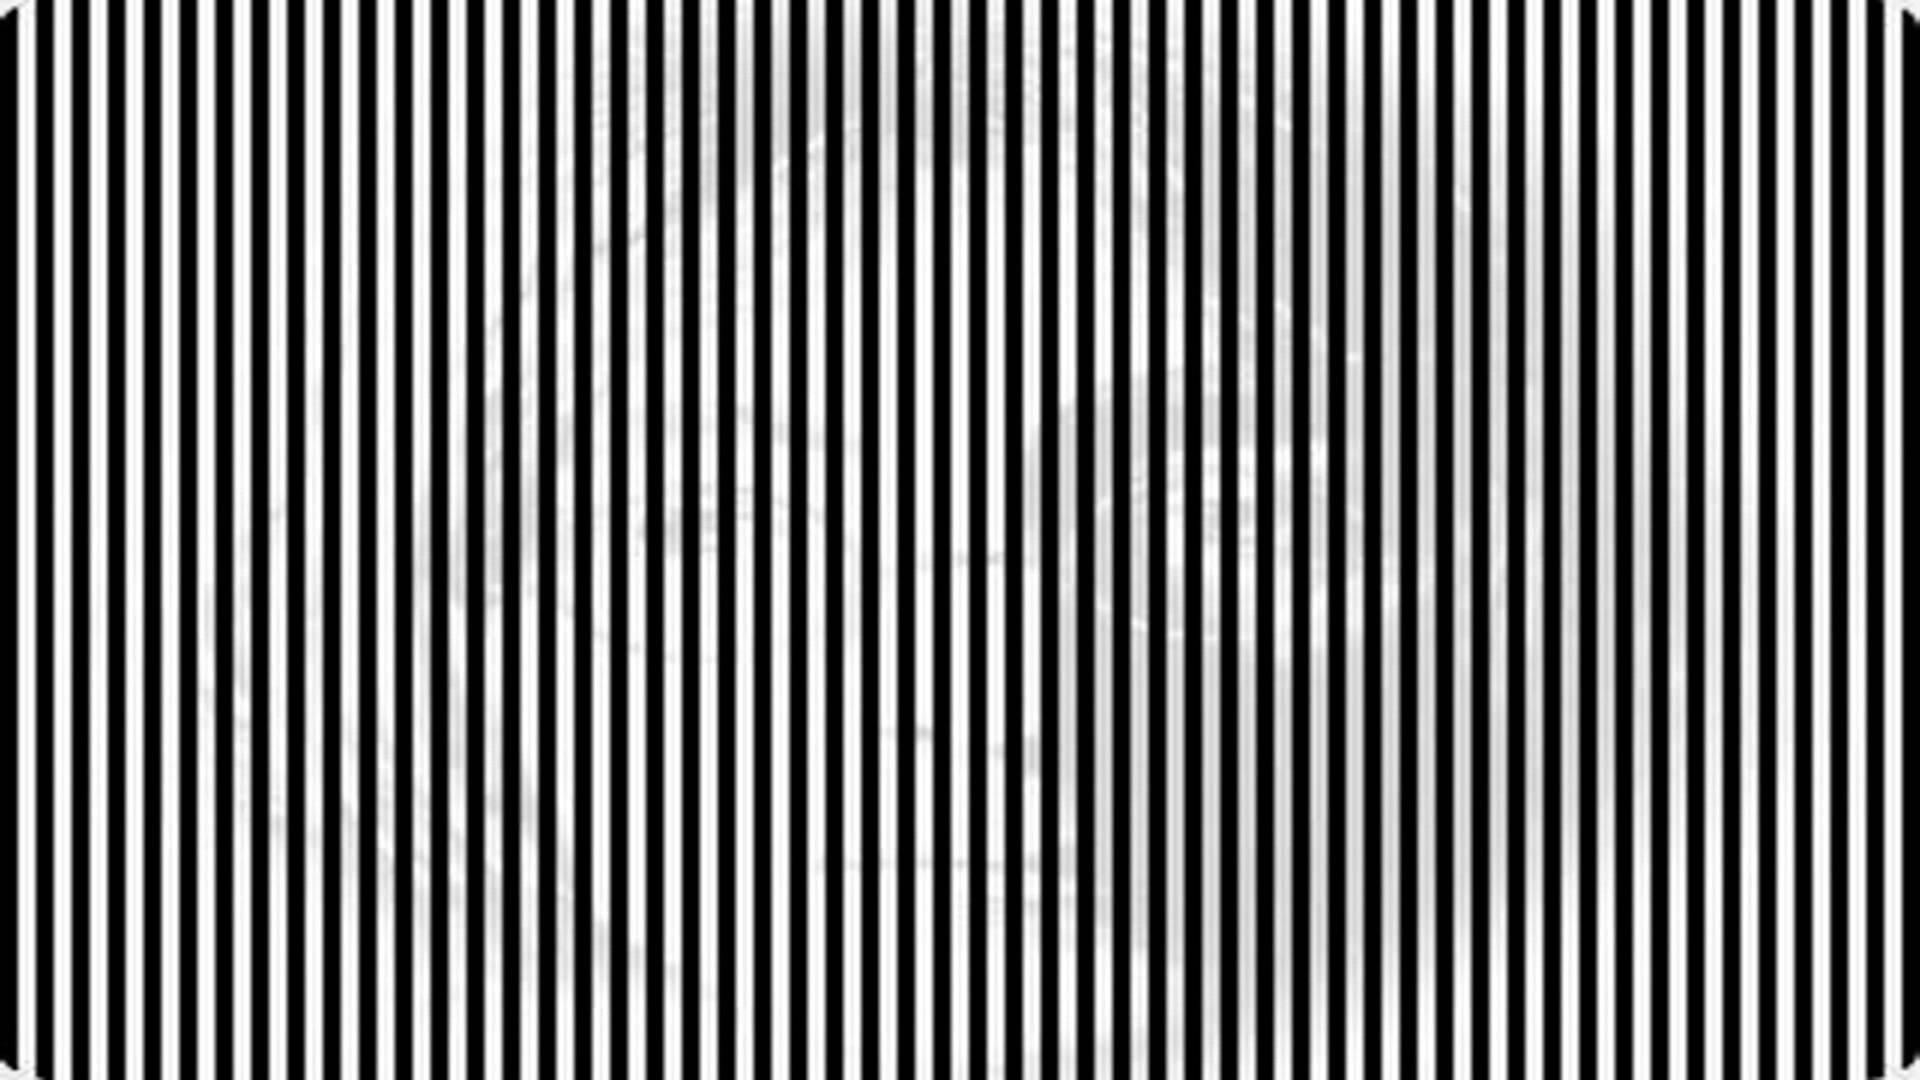 Illusion Doptique